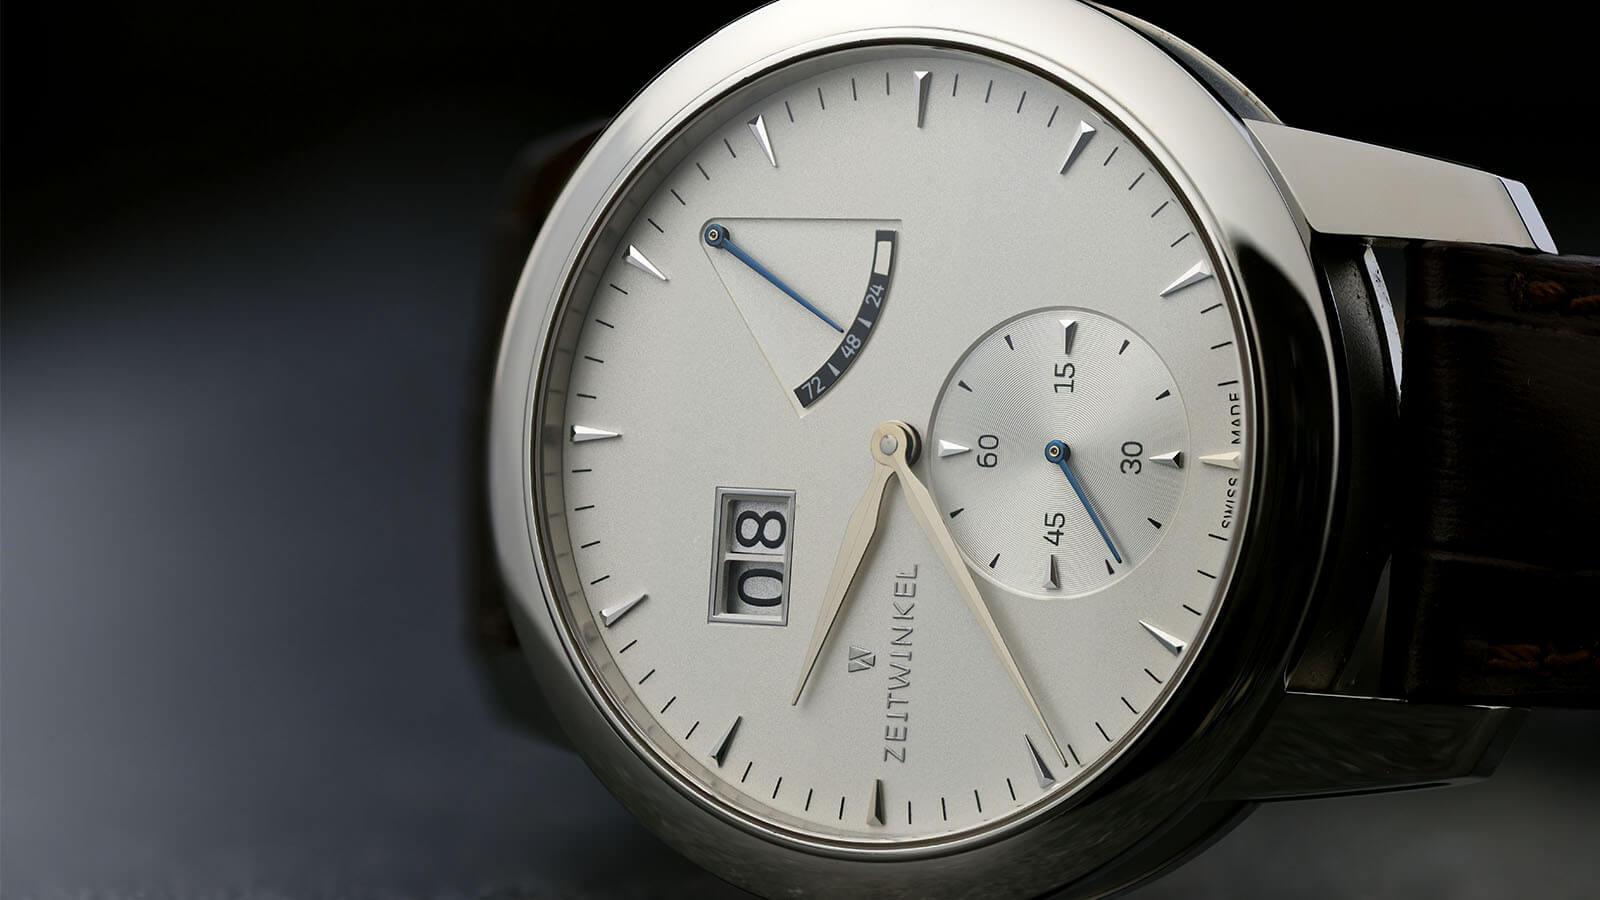 ZEITWINKEL Model 273° mit Großdatum, retrograder Anzeige der Gangreserve und kleiner Sekunde bei 6 Uhr mit silbernem Zifferblatt